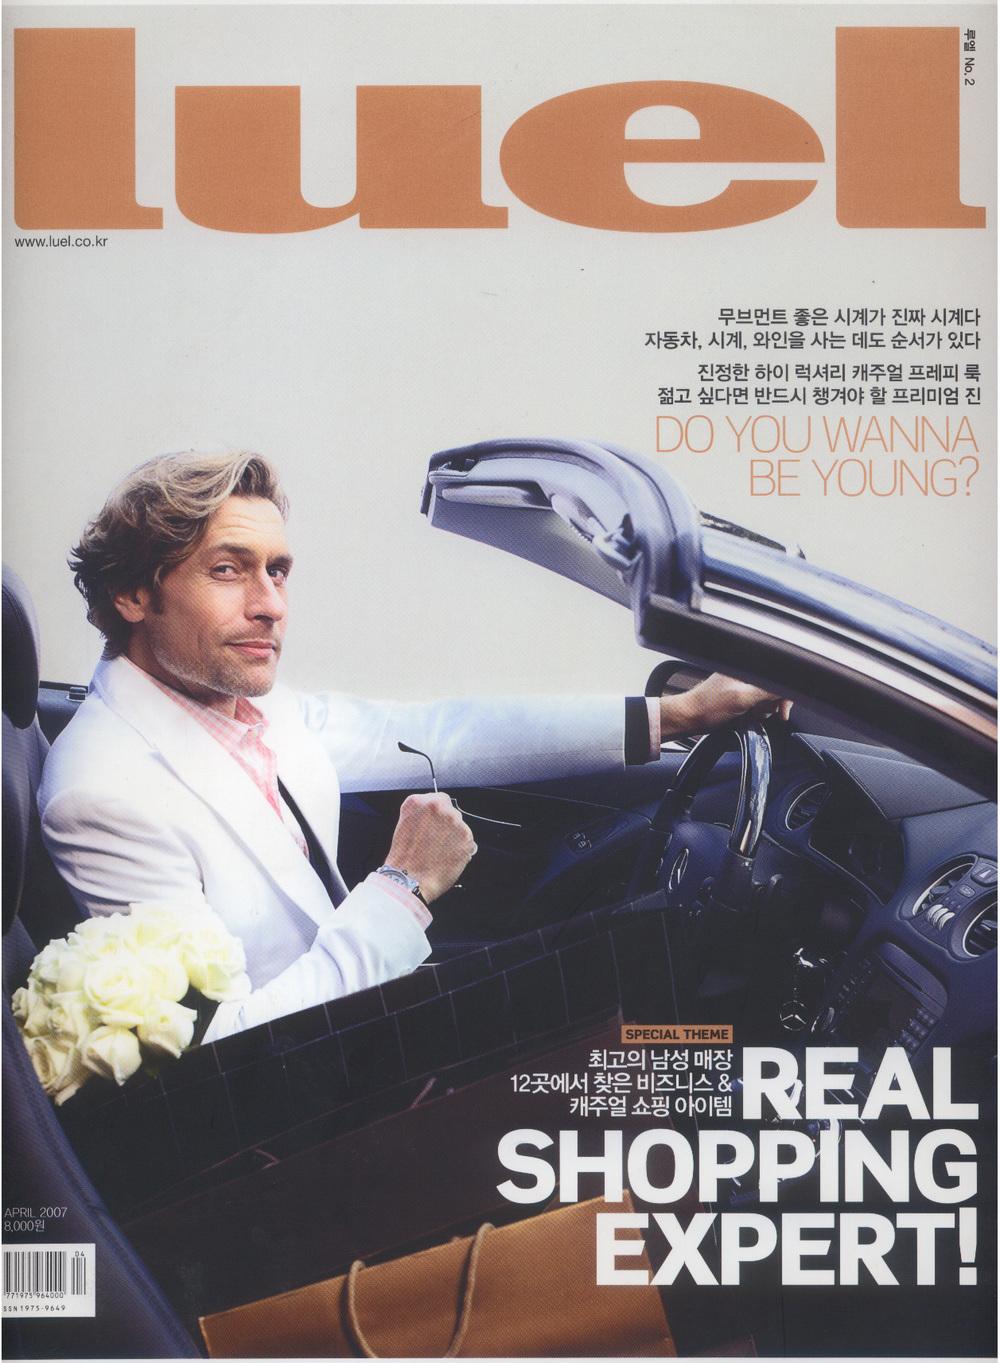 2007-4 Luel cover.jpg